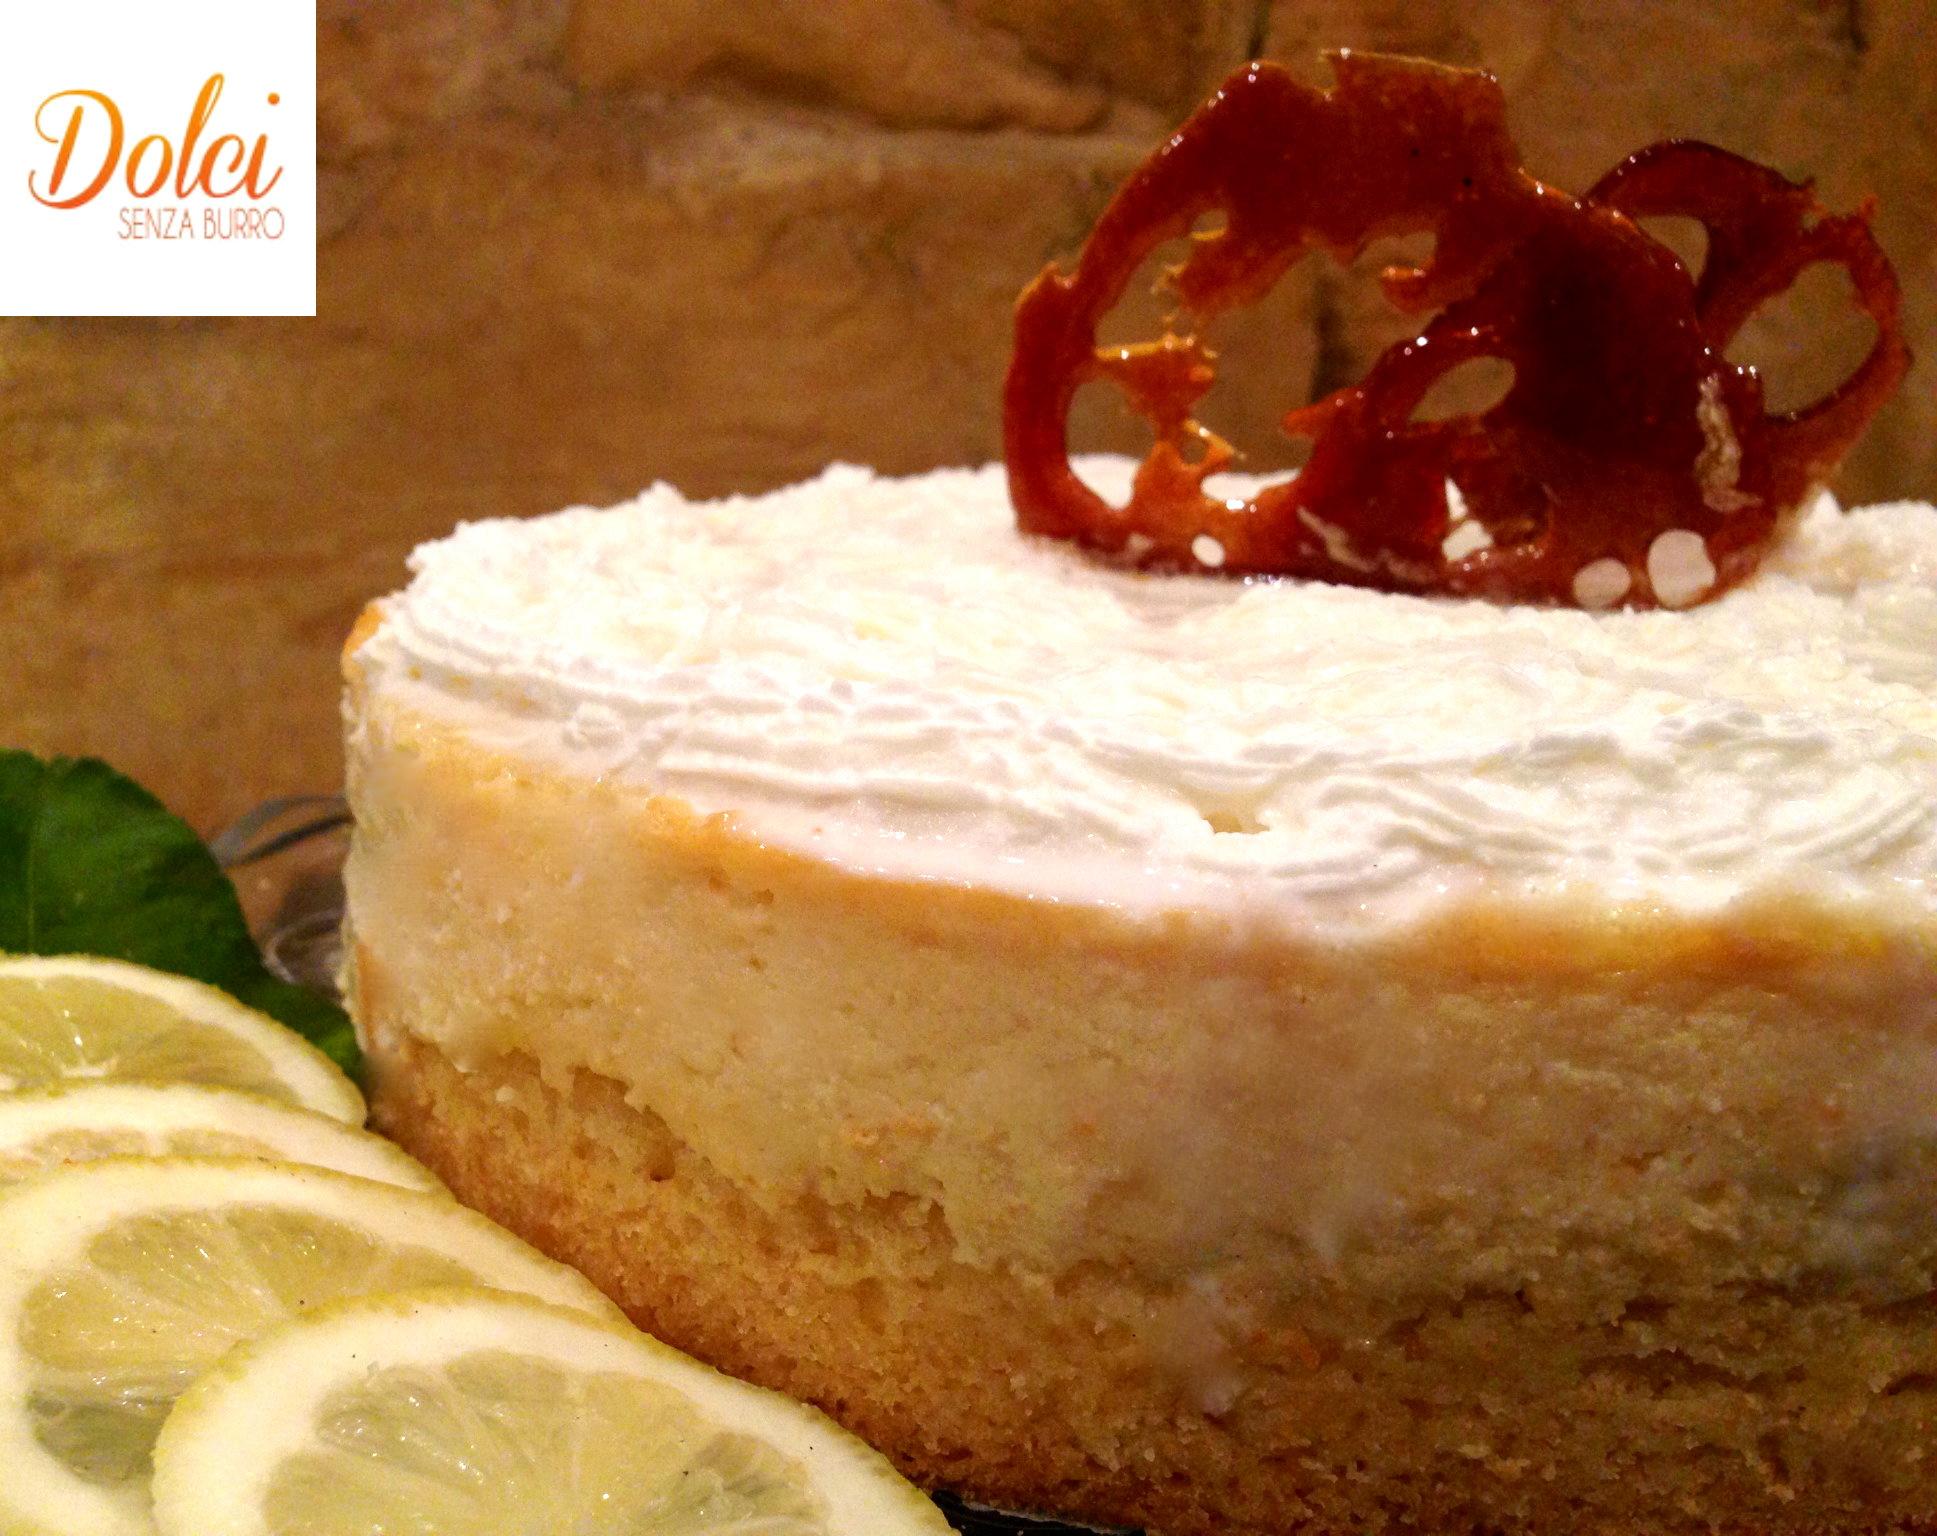 Cheesecake Senza Burro al Limone, la cheesecake light di Dolci Senza Burro